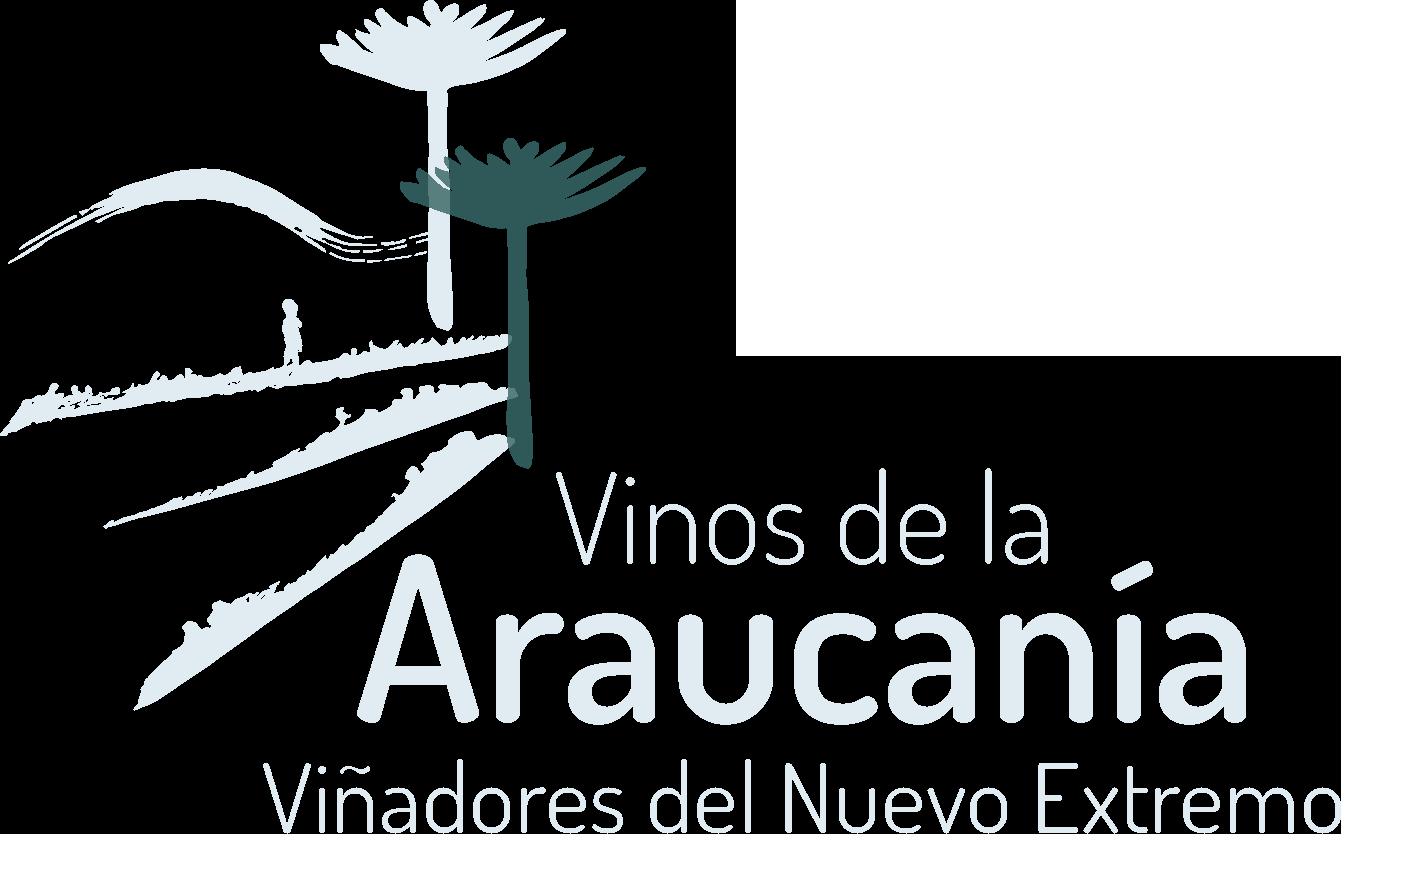 Vinos de la Araucanía